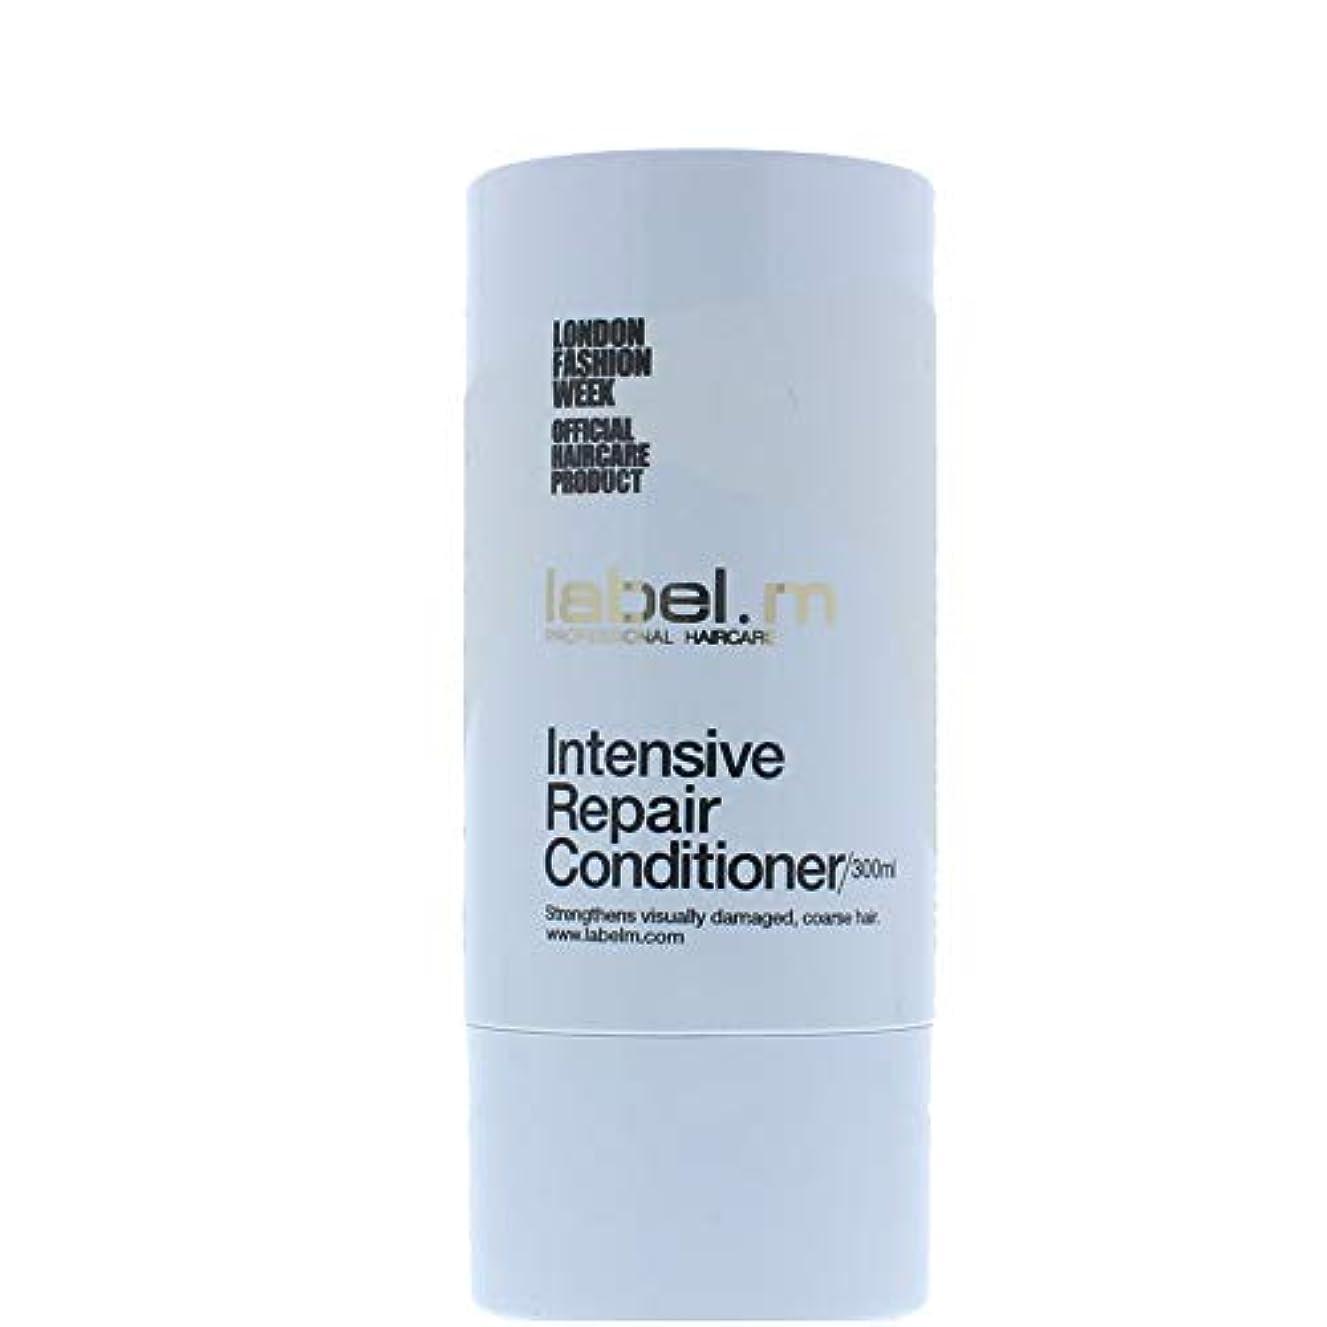 粒追記中傷Label MIntensive Repair Conditioner (For Visually Damaged, Coarse Hair) 300ml/10.1oz【海外直送品】